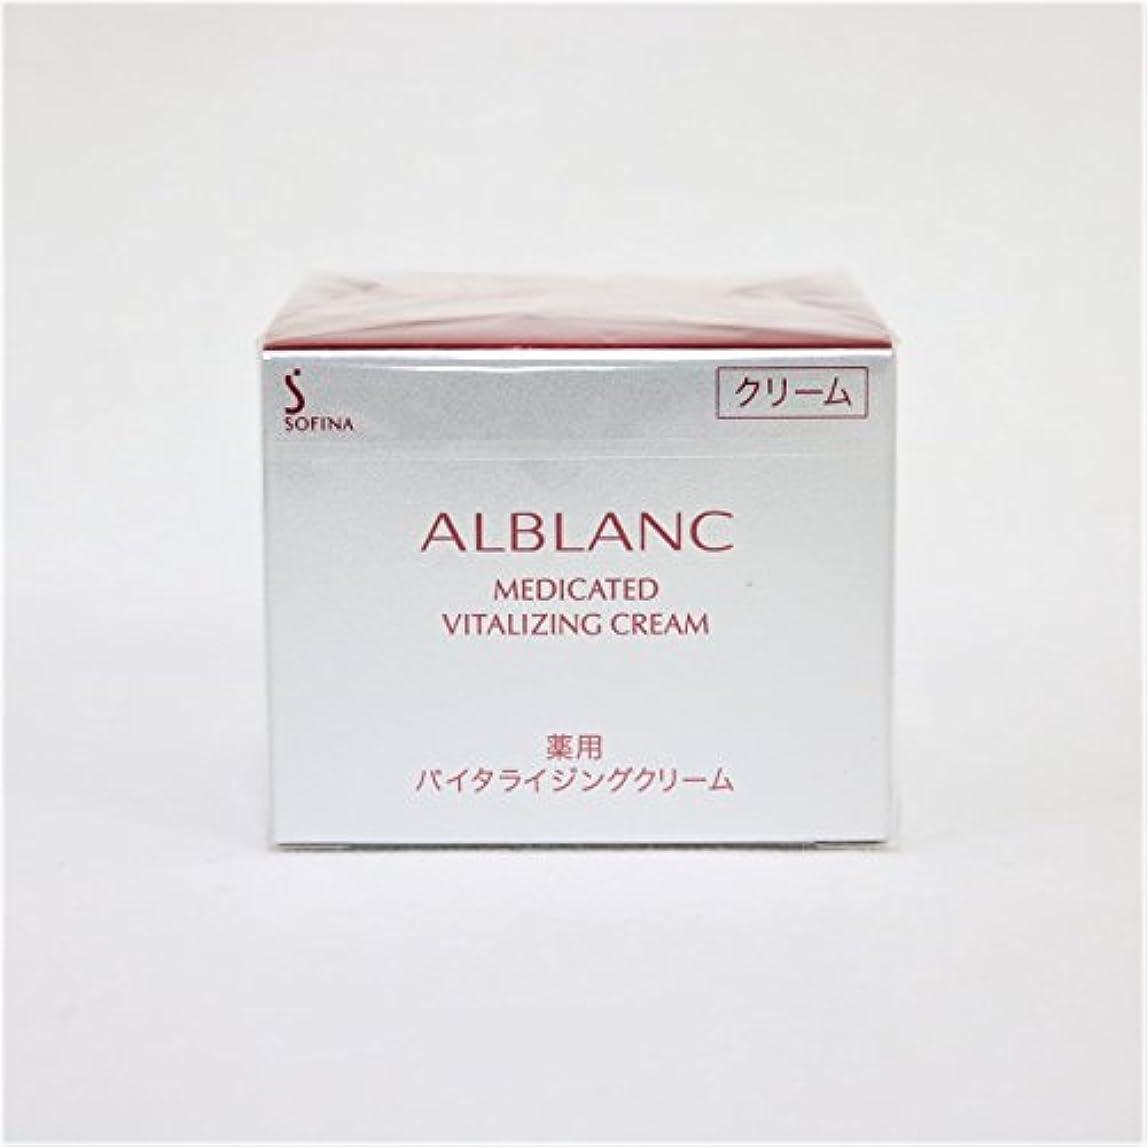 汚いどこでもお願いしますソフィーナ アルブラン 薬用バイタライジングクリーム 40g